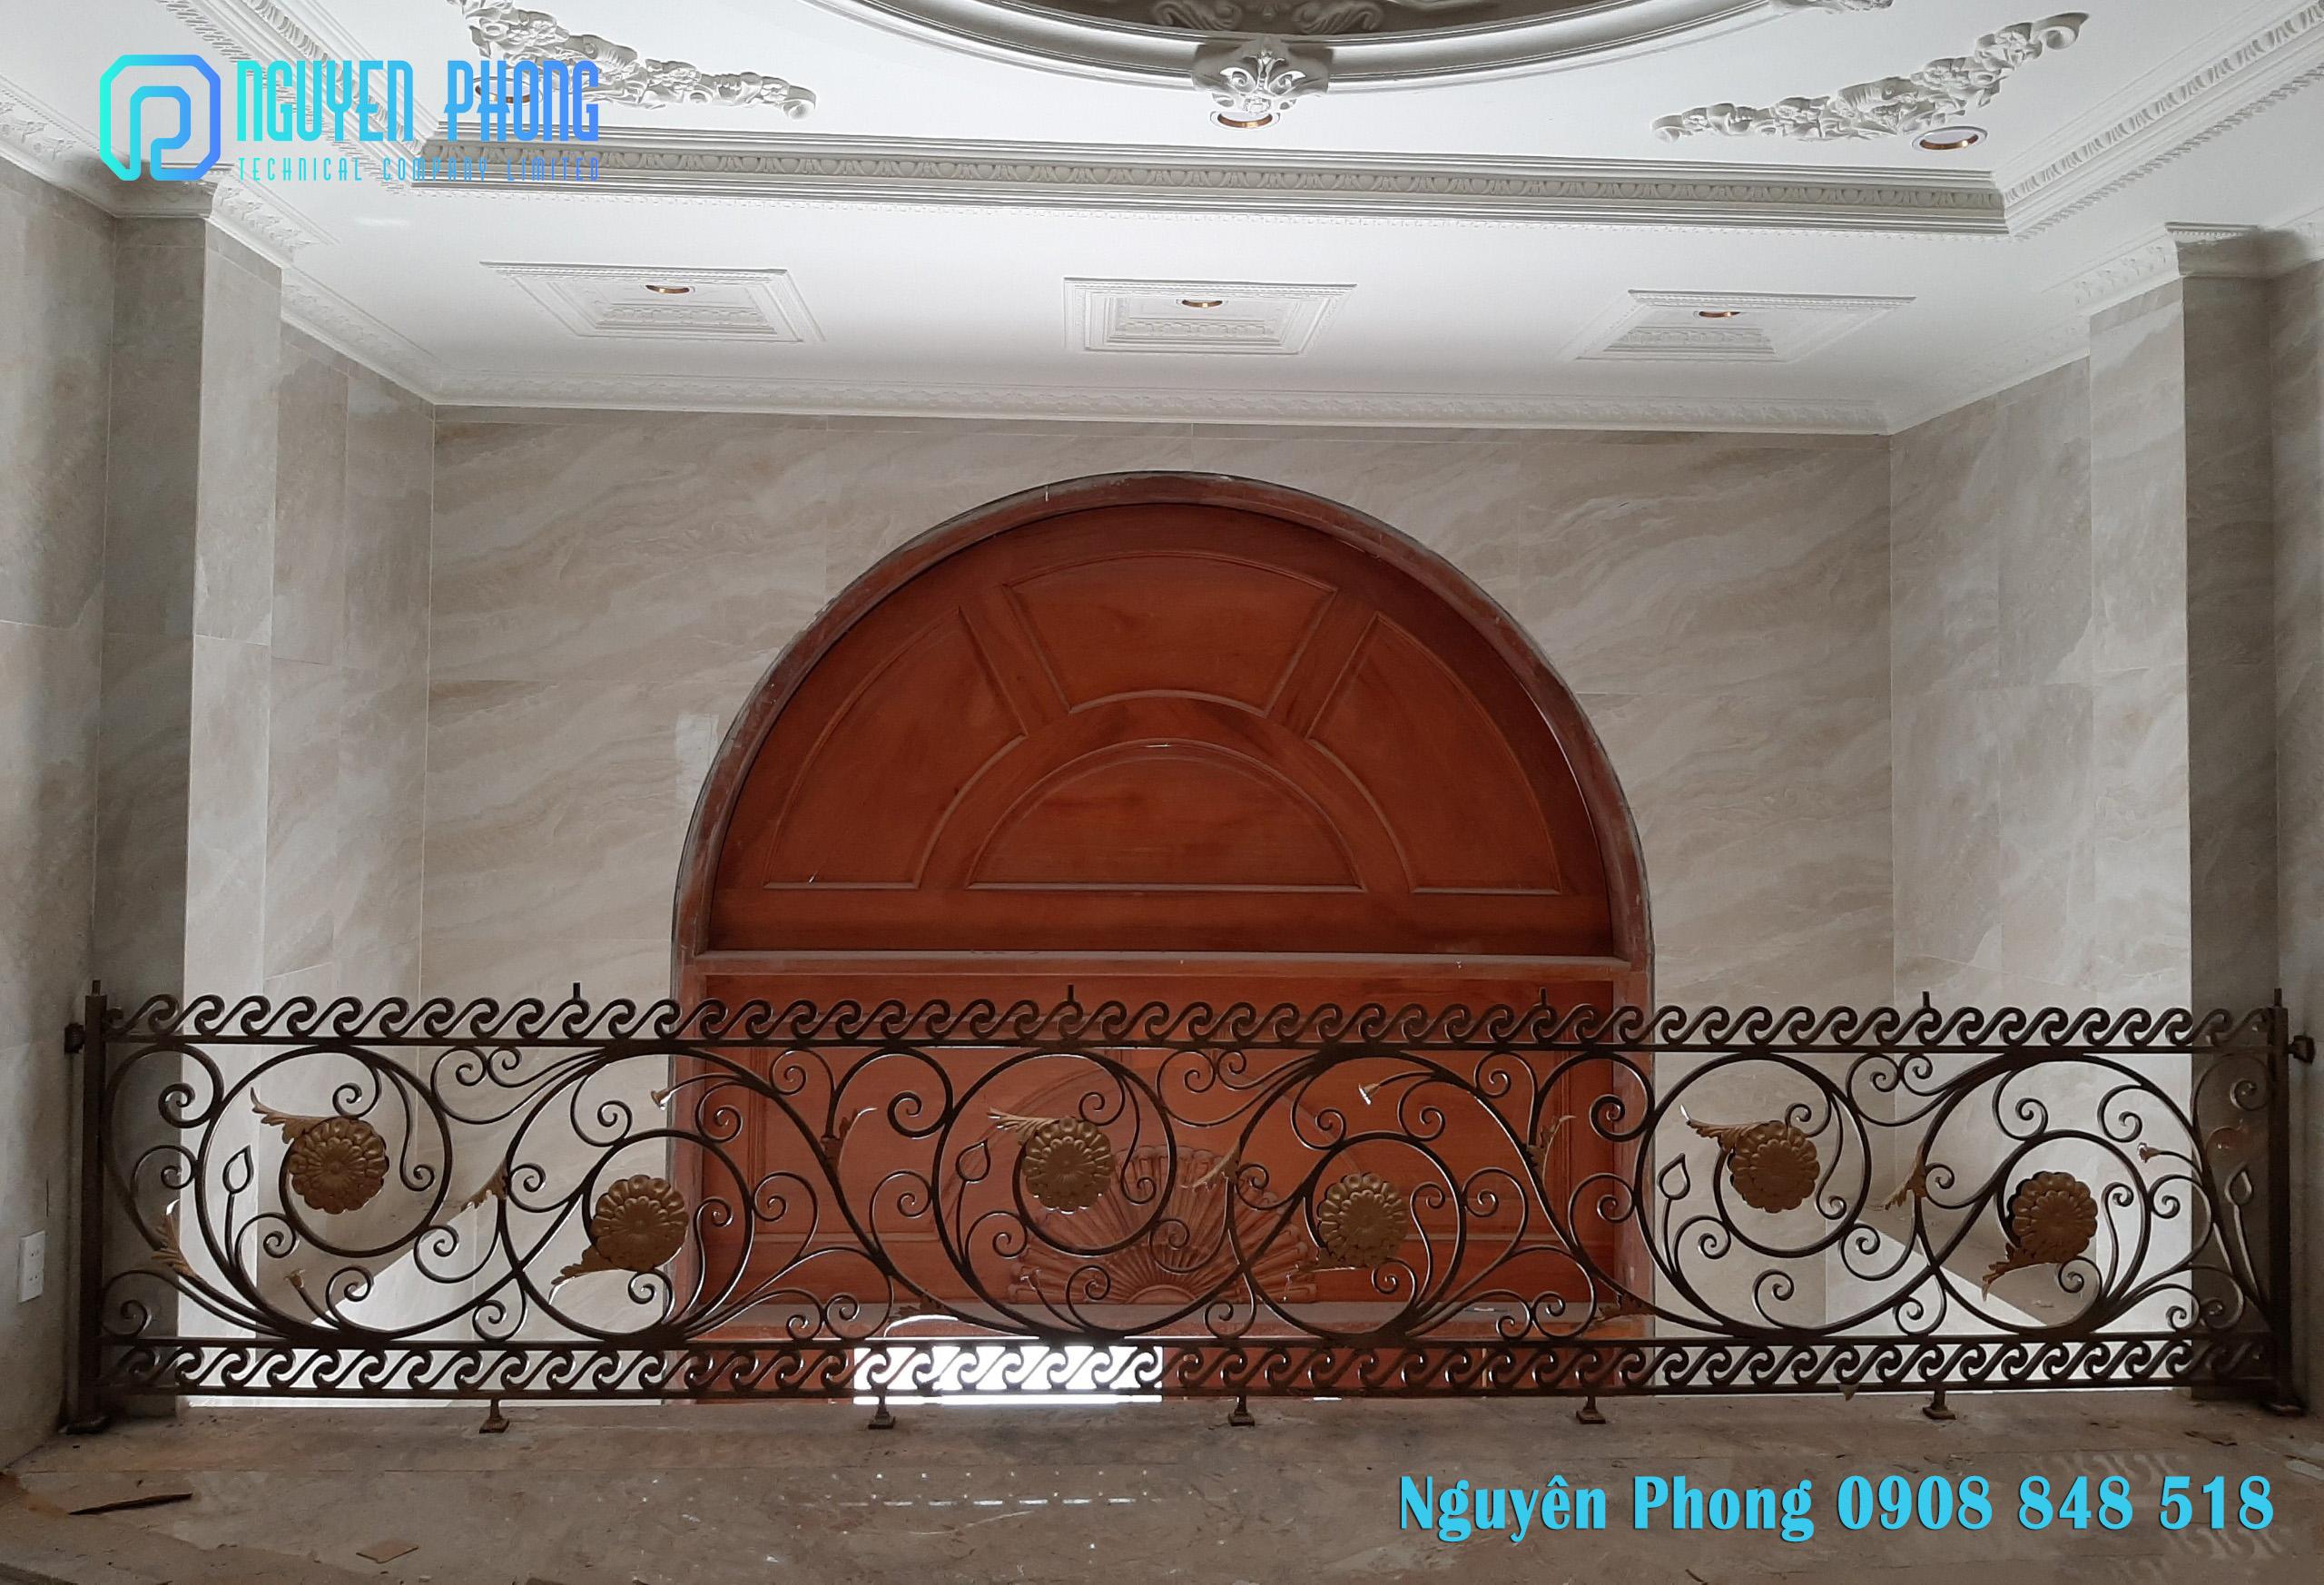 Hàng rào, cổng, cửa, lan can cầu thang sắt uốn mỹ thuật giá tốt nhất HCM